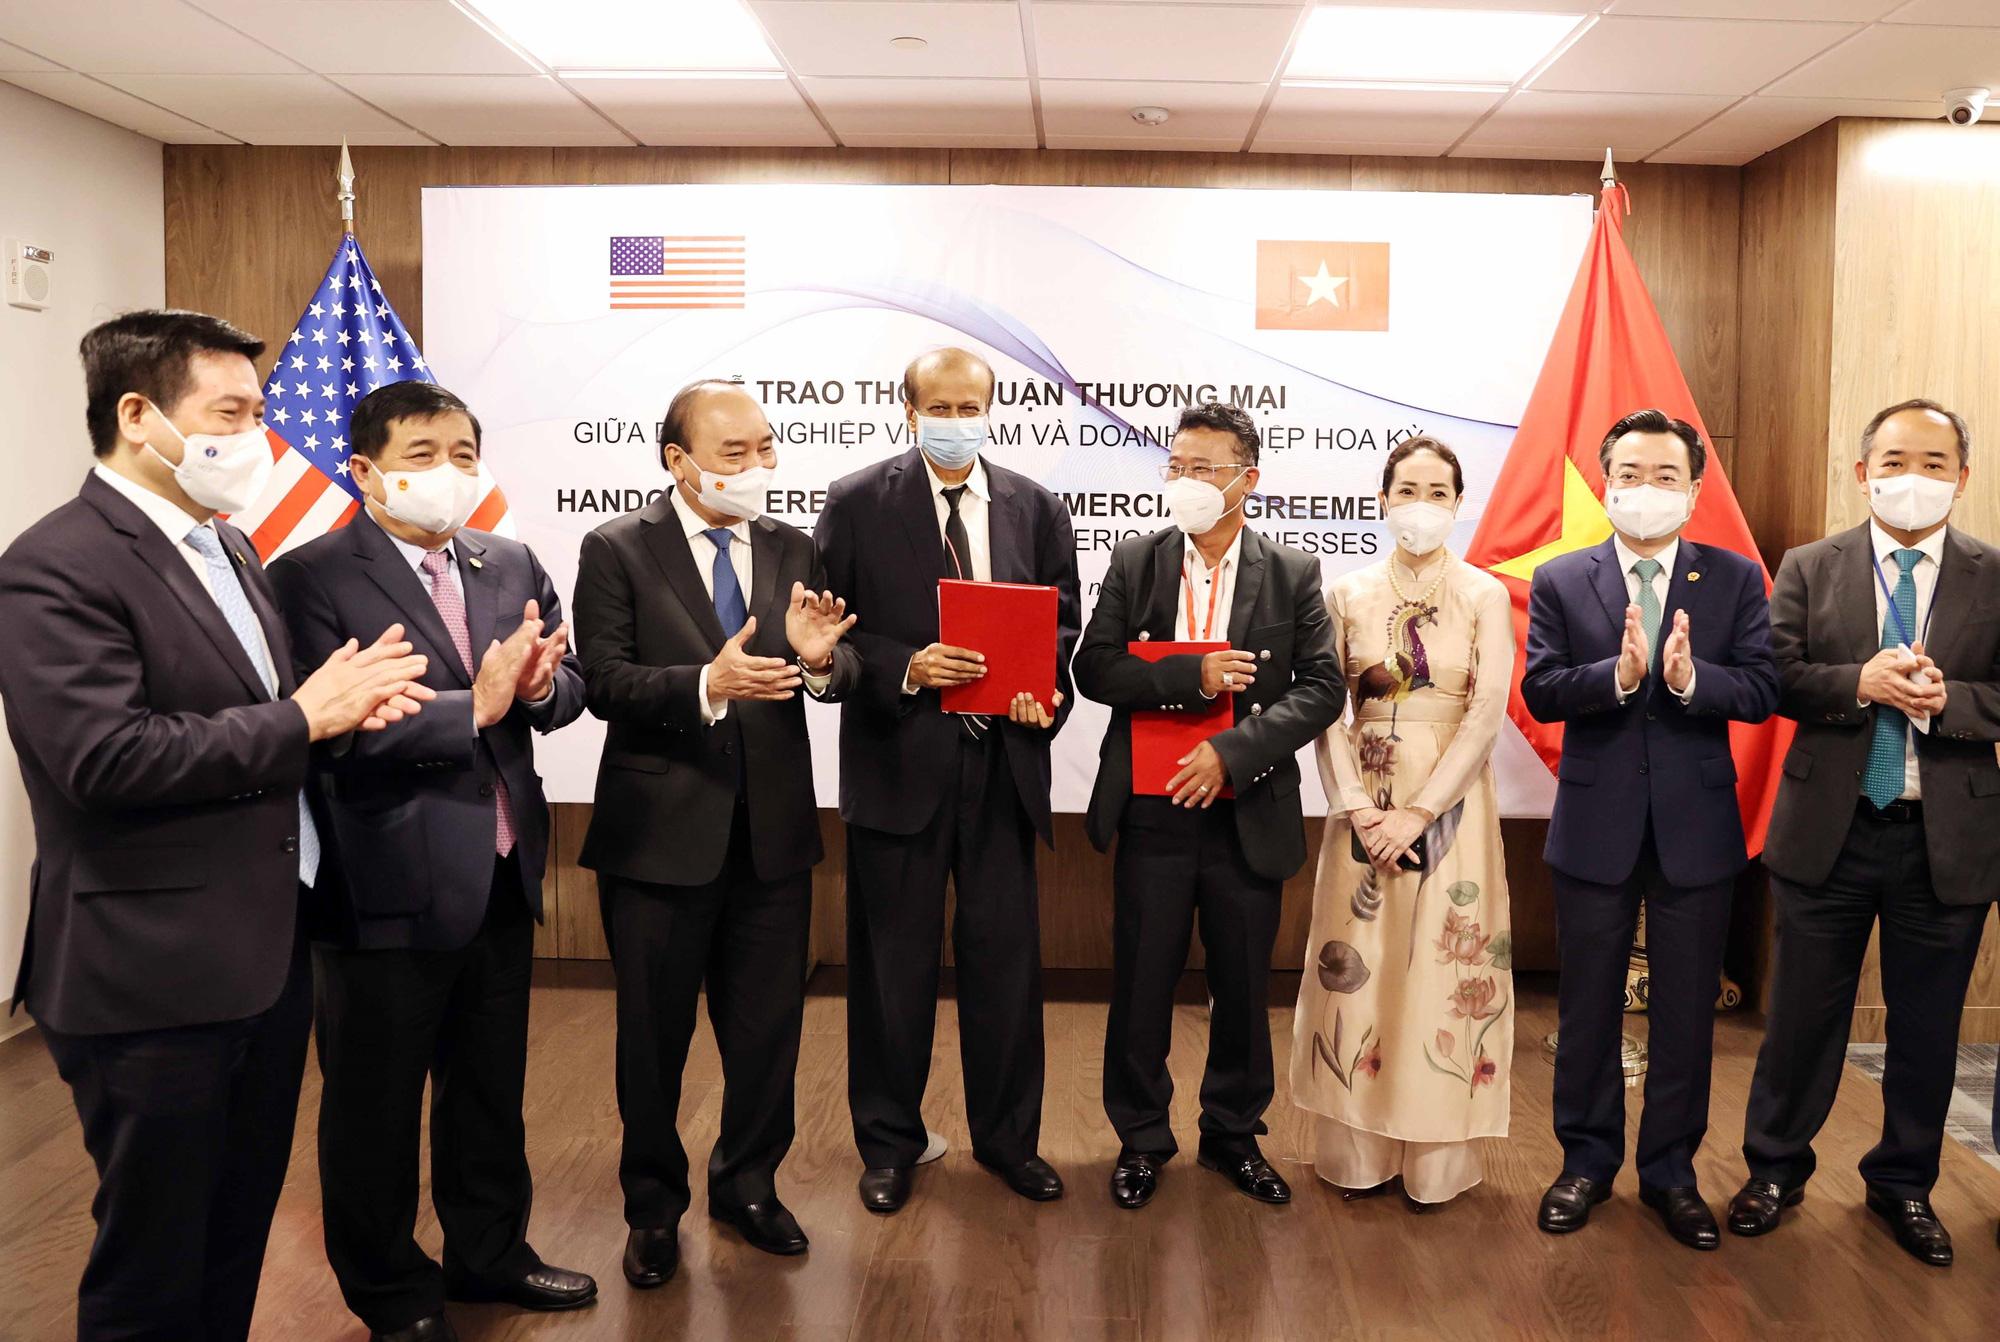 Liên danh Kinh Bắc - Saigontel hợp tác với Tập đoàn Quantum (Mỹ) - Ảnh 1.